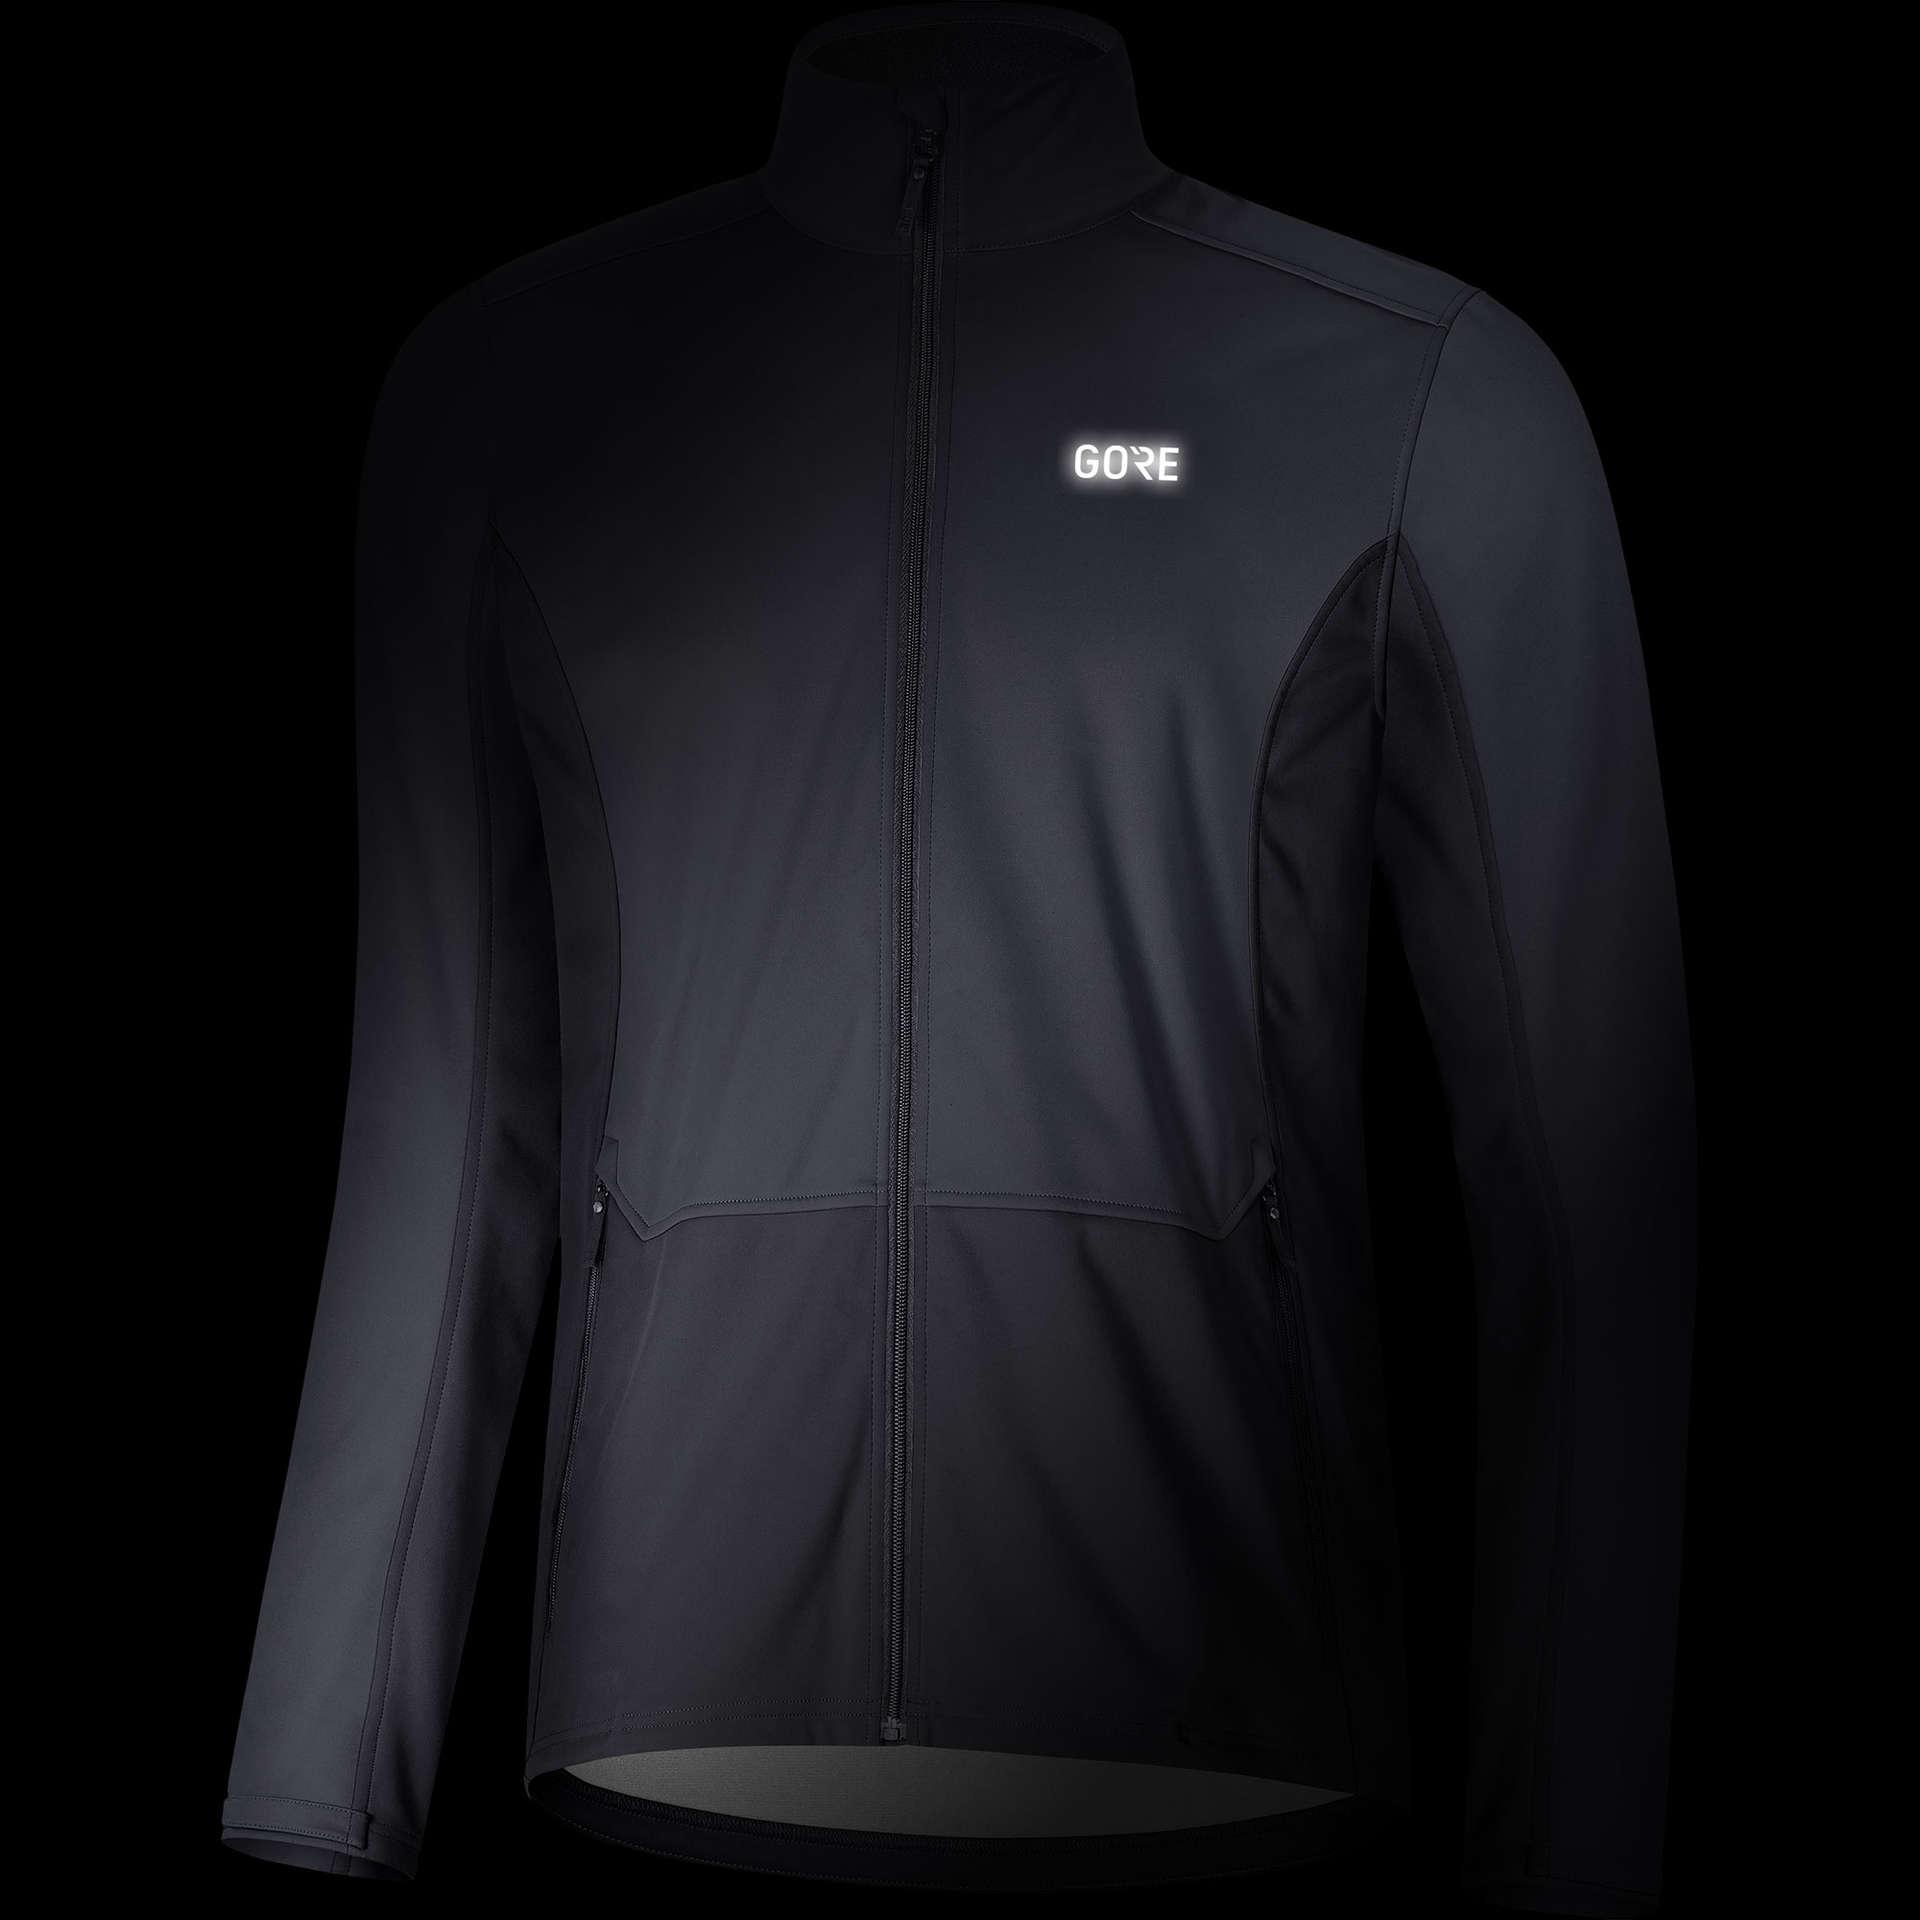 GORE Wear R3 GWS Classic Hardloopjack Grijs/Zwart Heren